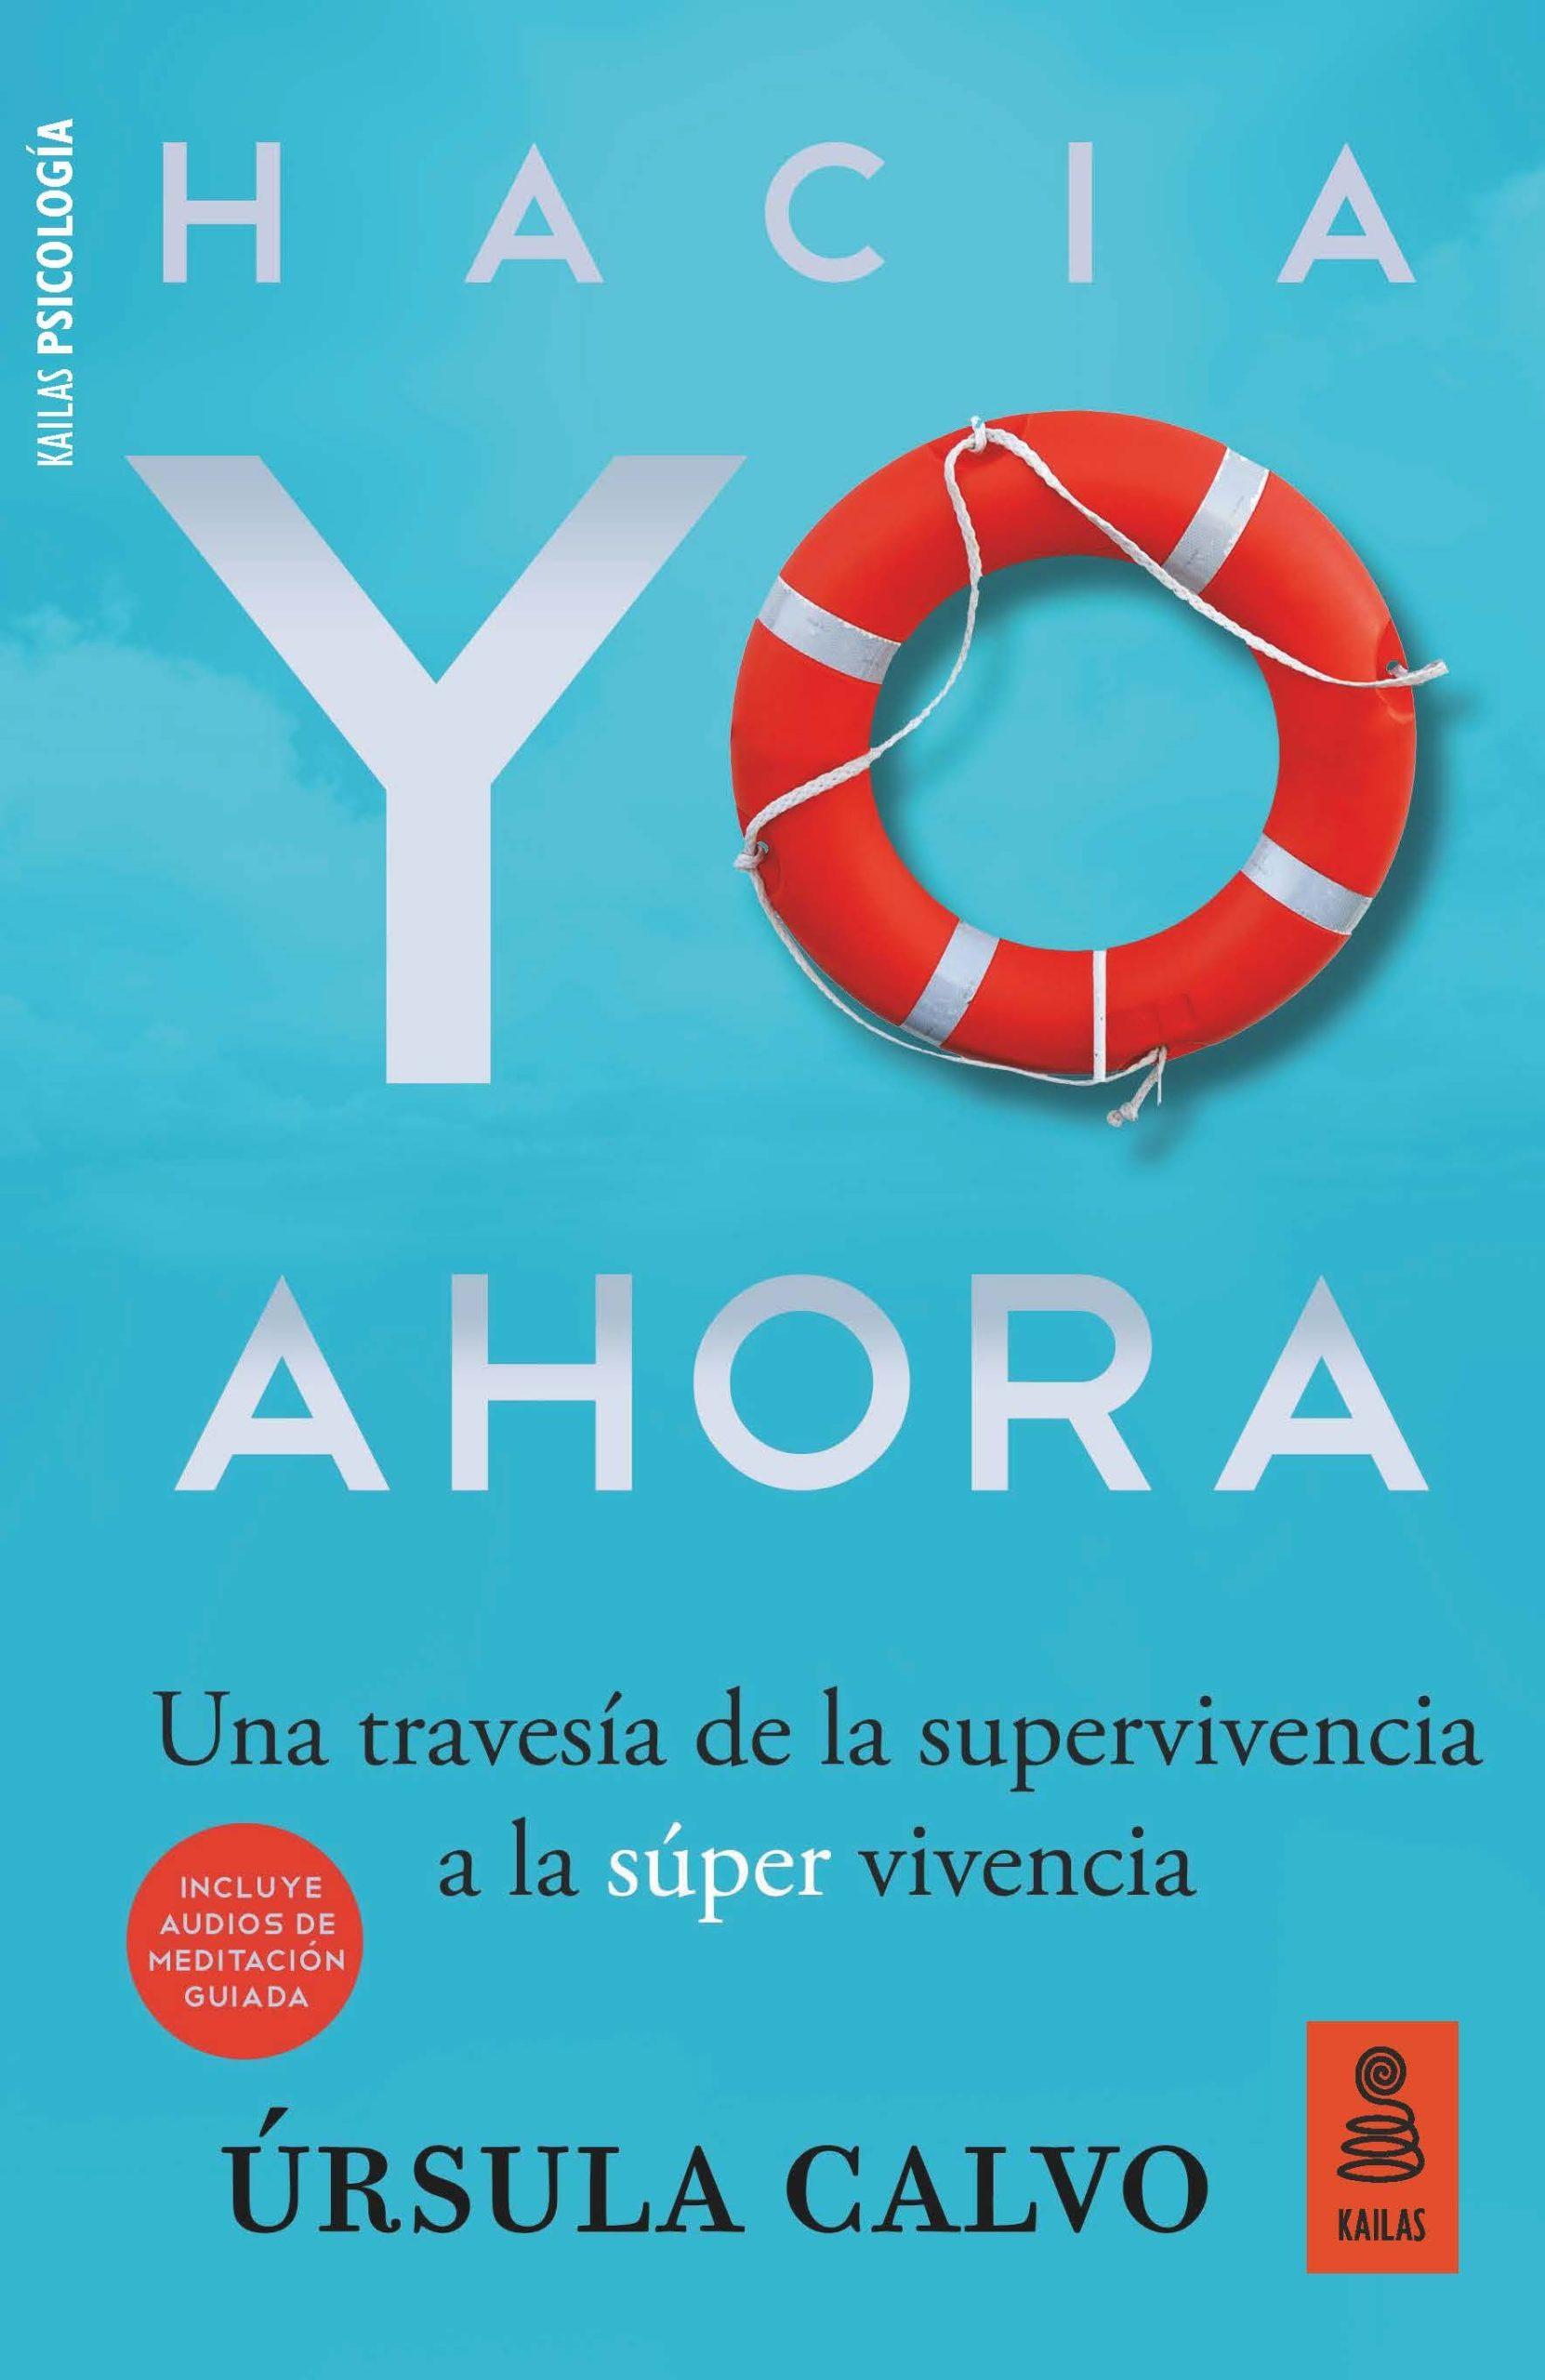 'Hacia YO AHORA', el libro de Úrsula Calvo que guía en el cambio de la supervivencia a la súper vivencia